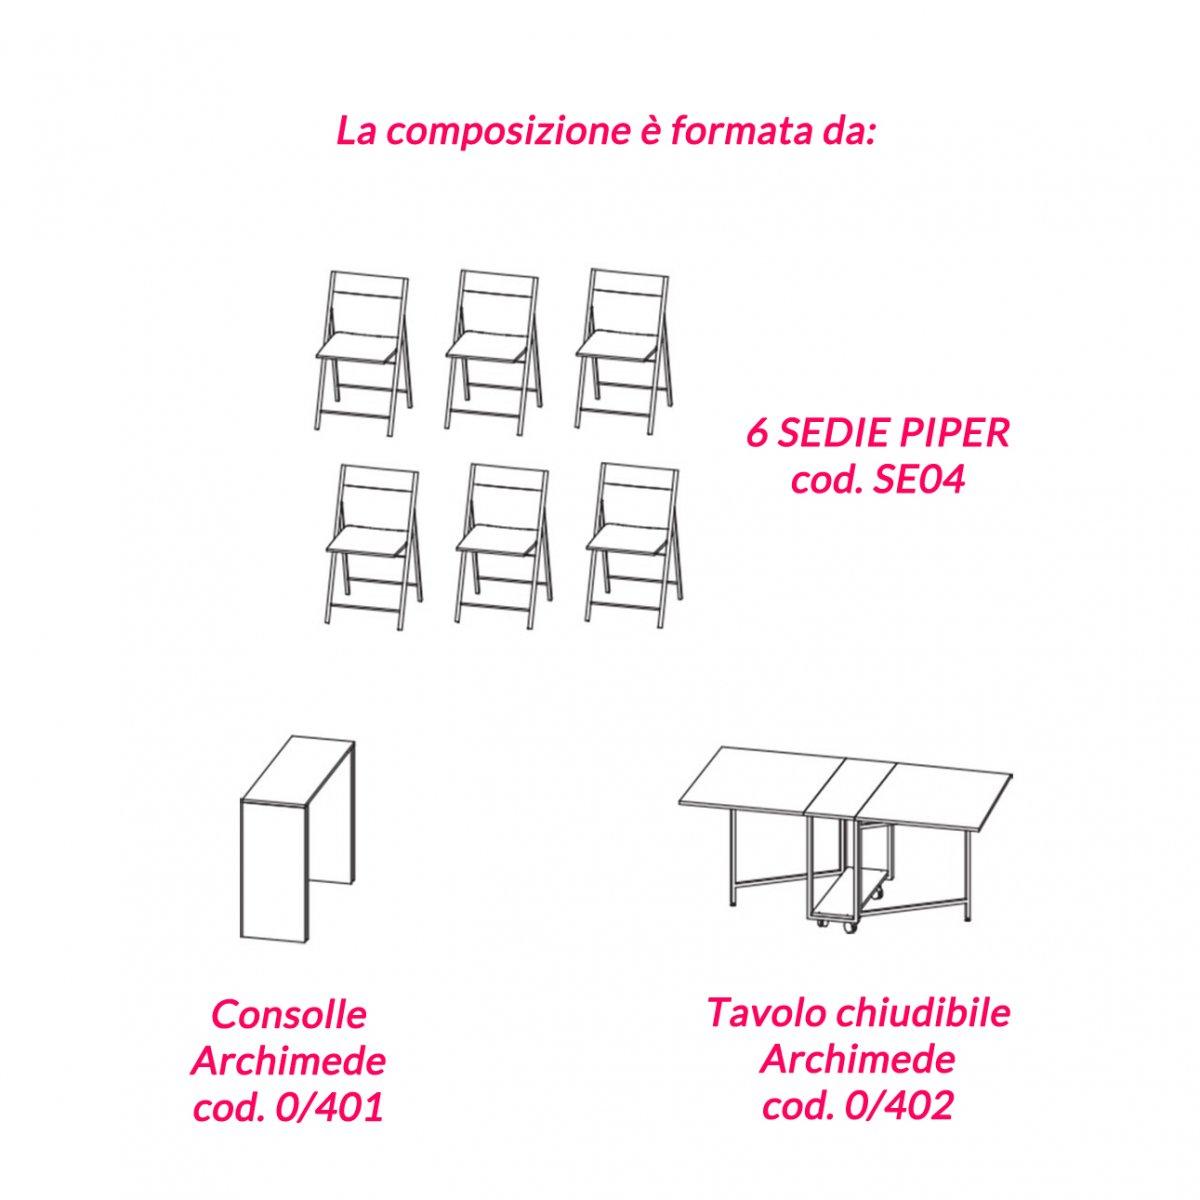 Pezzani ARCHIMEDE COMPOSIZIONE 3